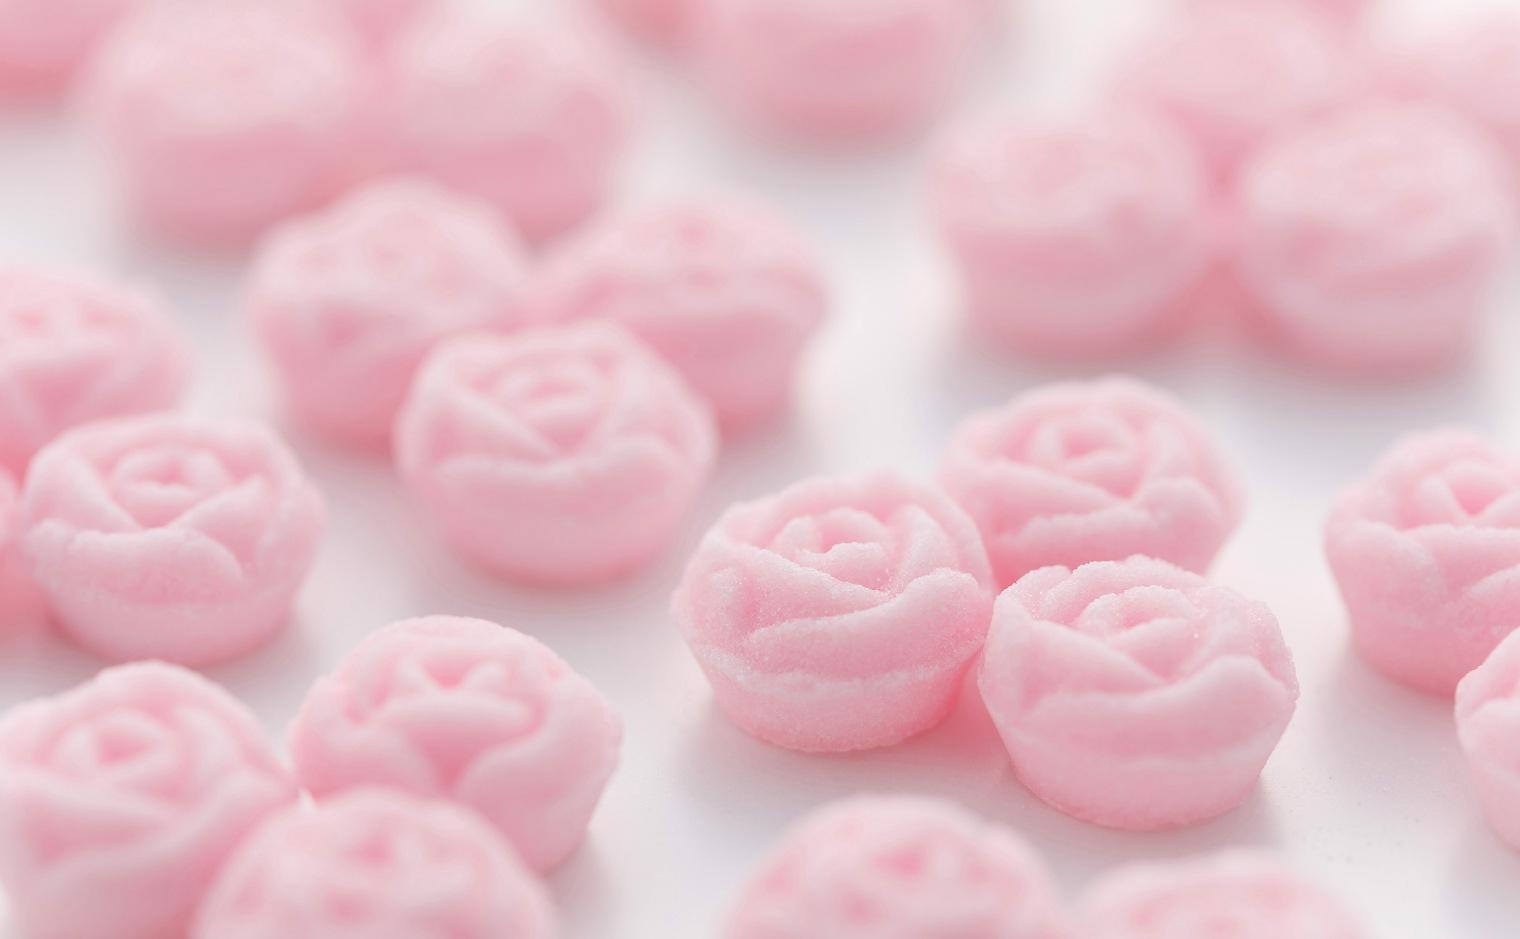 デザインシュガー,物語のある砂糖,かわいい,可愛い,角砂糖,ガーデンローズ,バラ,花の形,ピンク,棘,いばら,薔薇,優雅,ローズガーデン